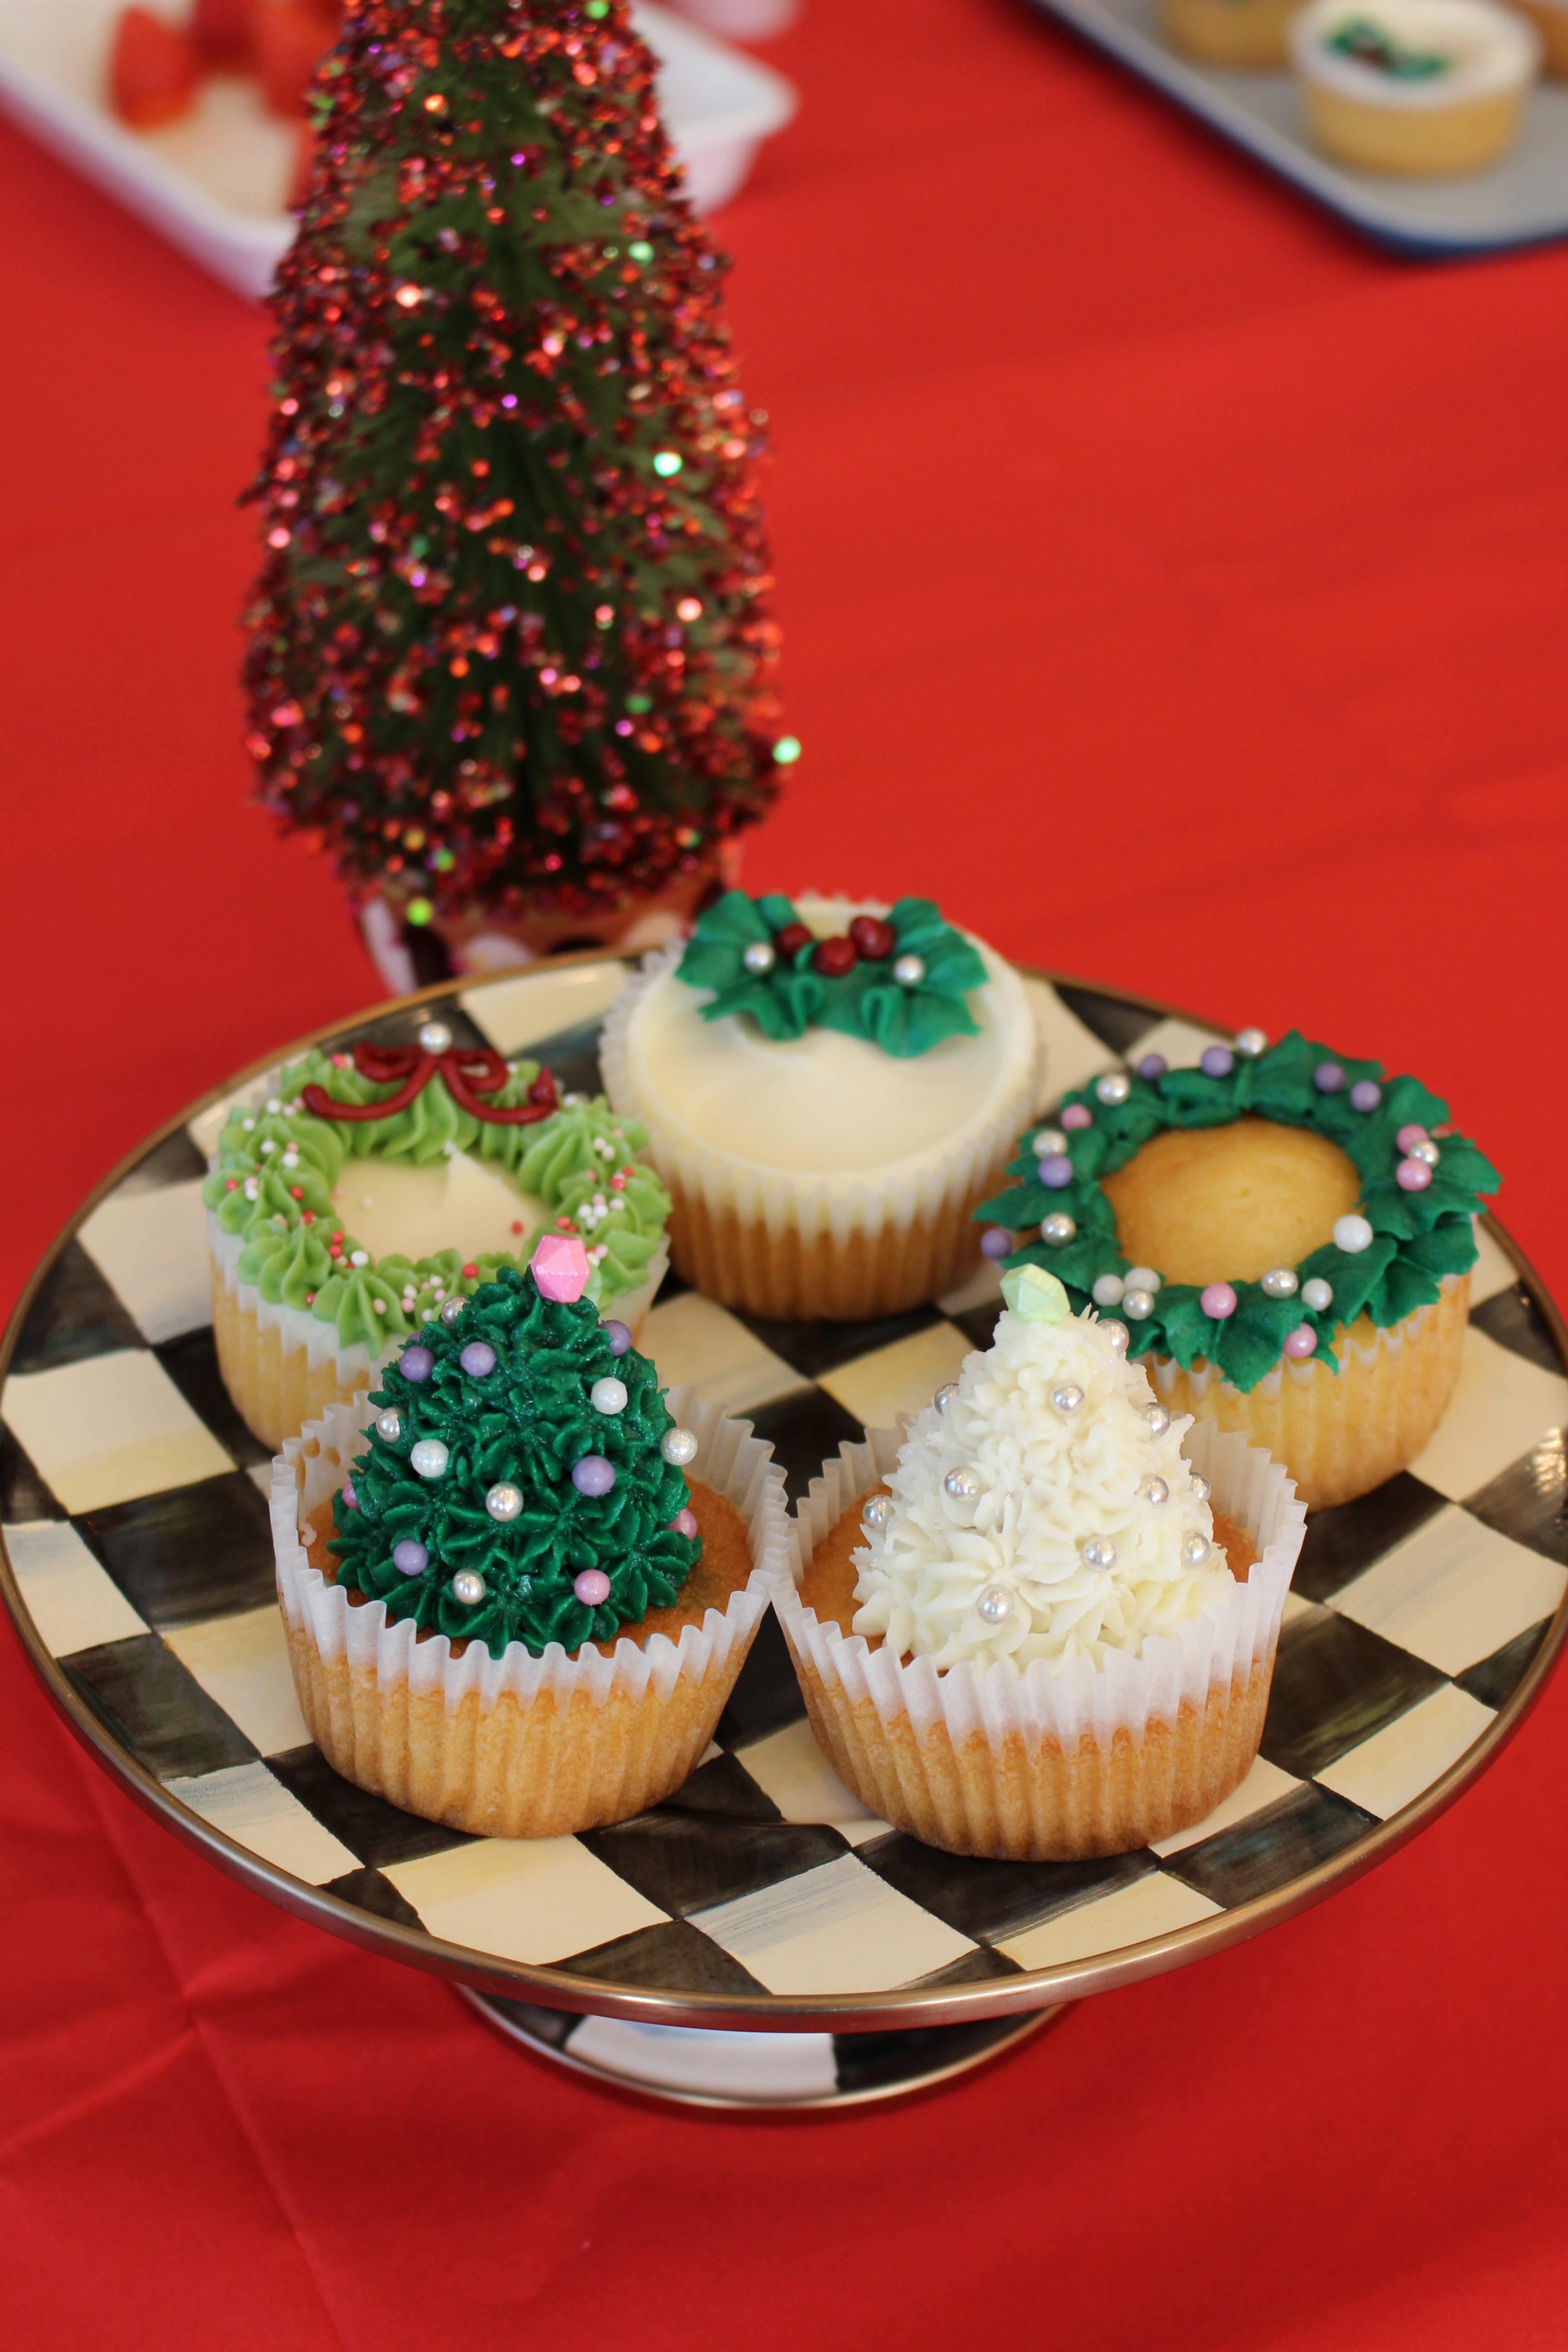 クリスマスカップケーキレッスン開催いたします。